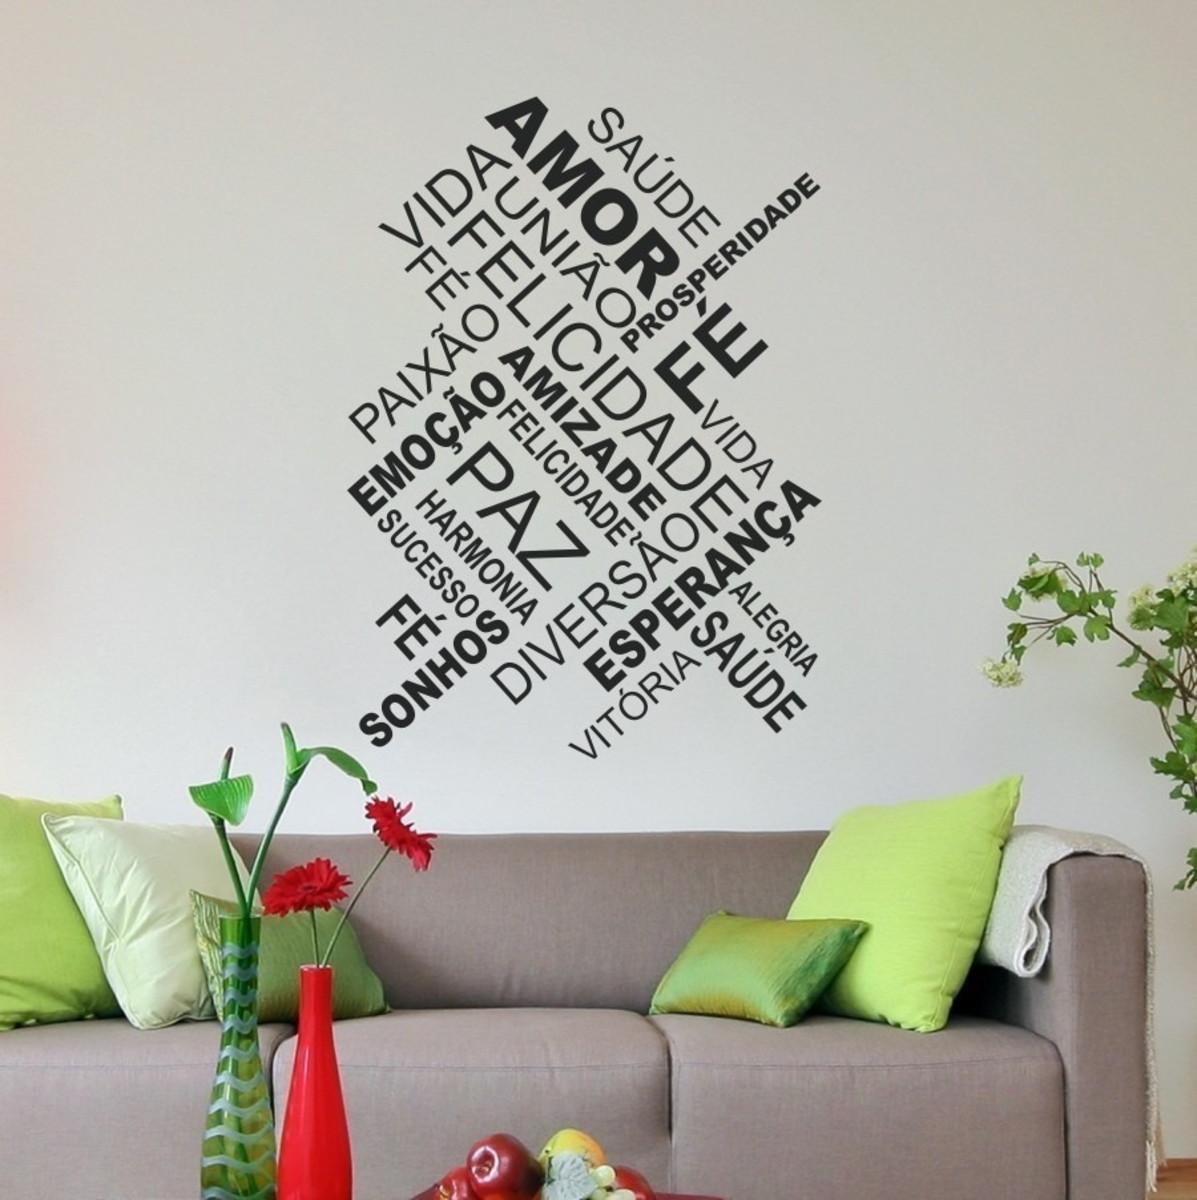 Adesivo Decorativo De Parede Sala Quarto Frases Amor Fé Paz